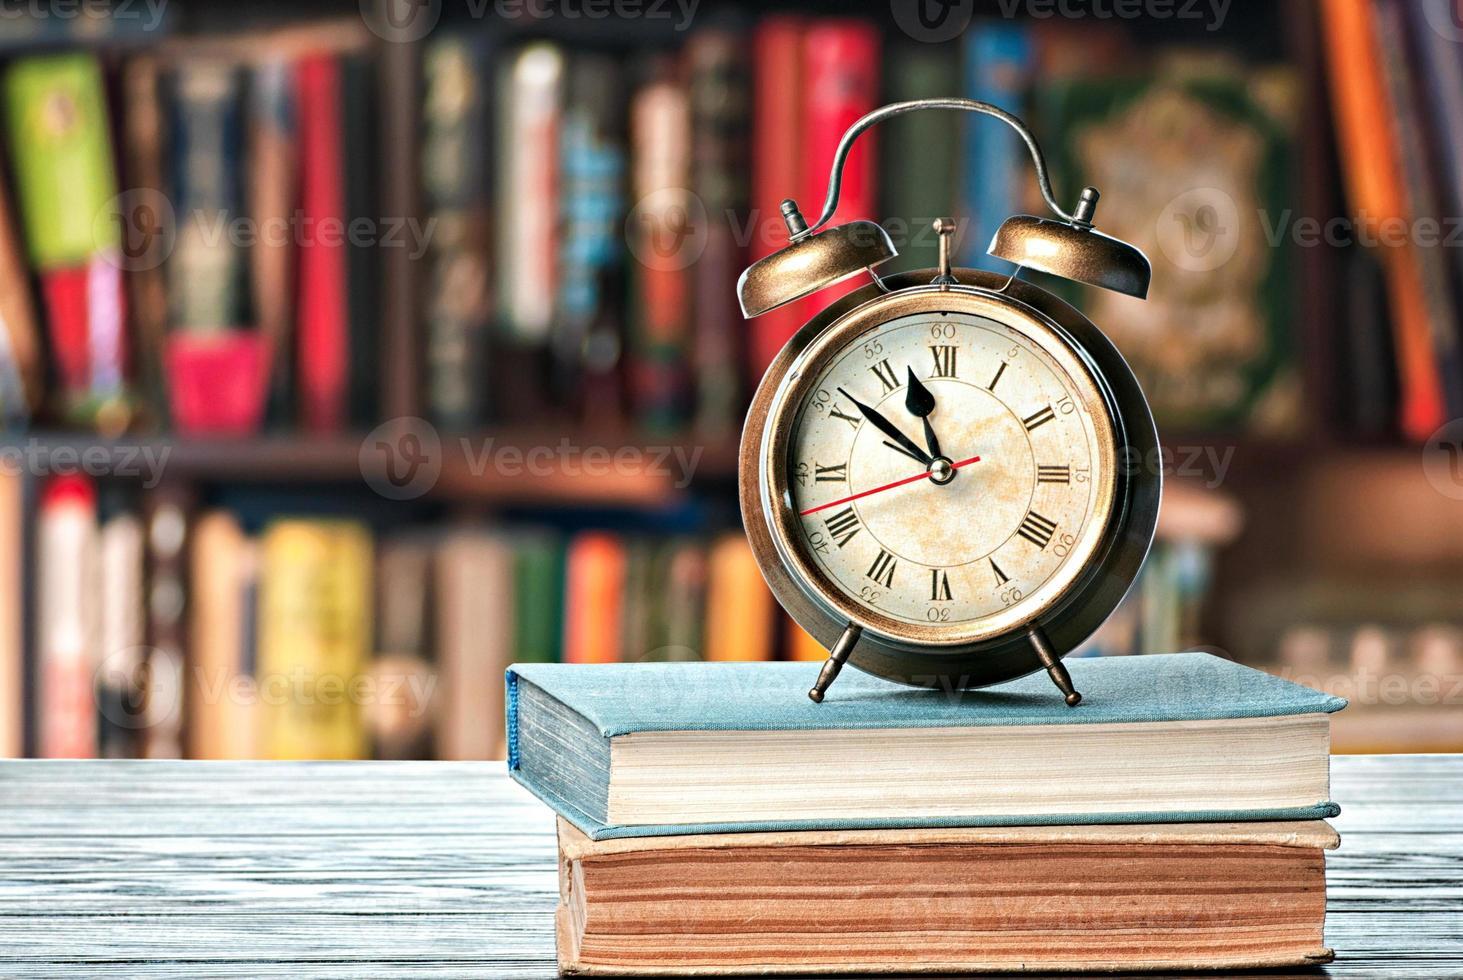 Bücher und Wecker foto